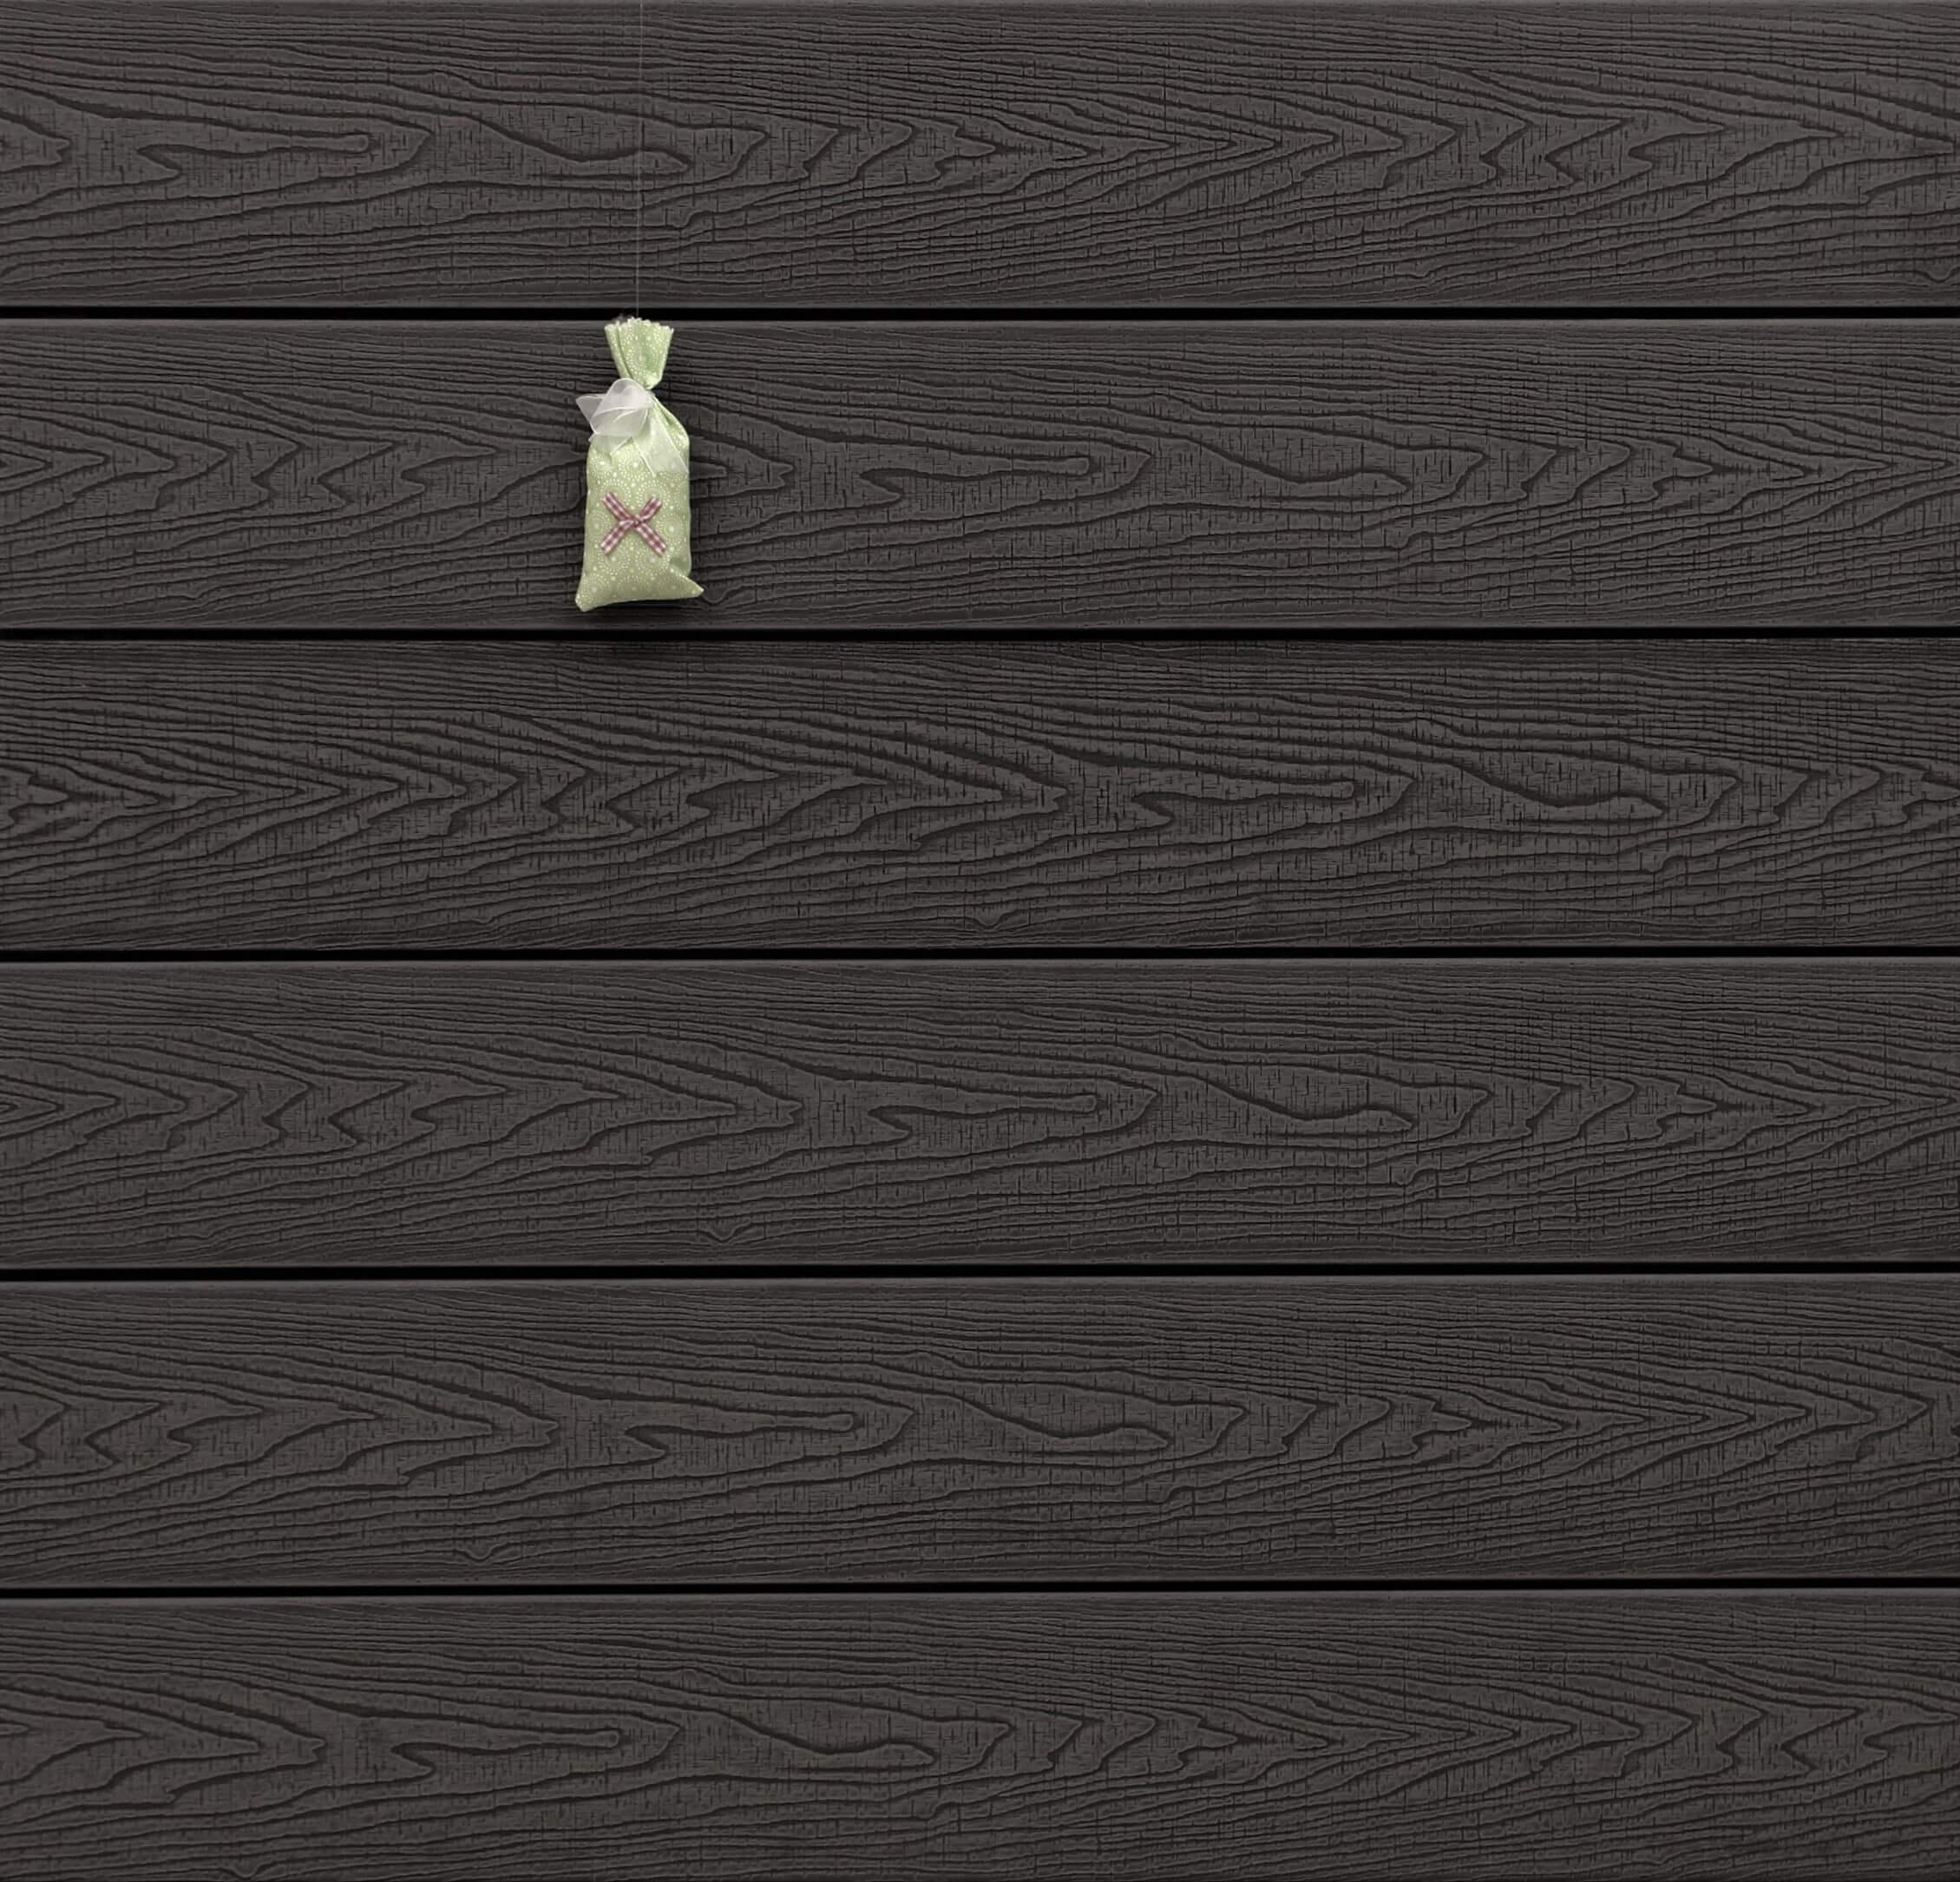 WPC Terrassendielen massiv, Oberfläche mit Struktur in Holzoptik sägerau, Farbton dunkelgrau, Vollprofil, 22 x 143 bis 4800 mm für 9,20 €/lfm